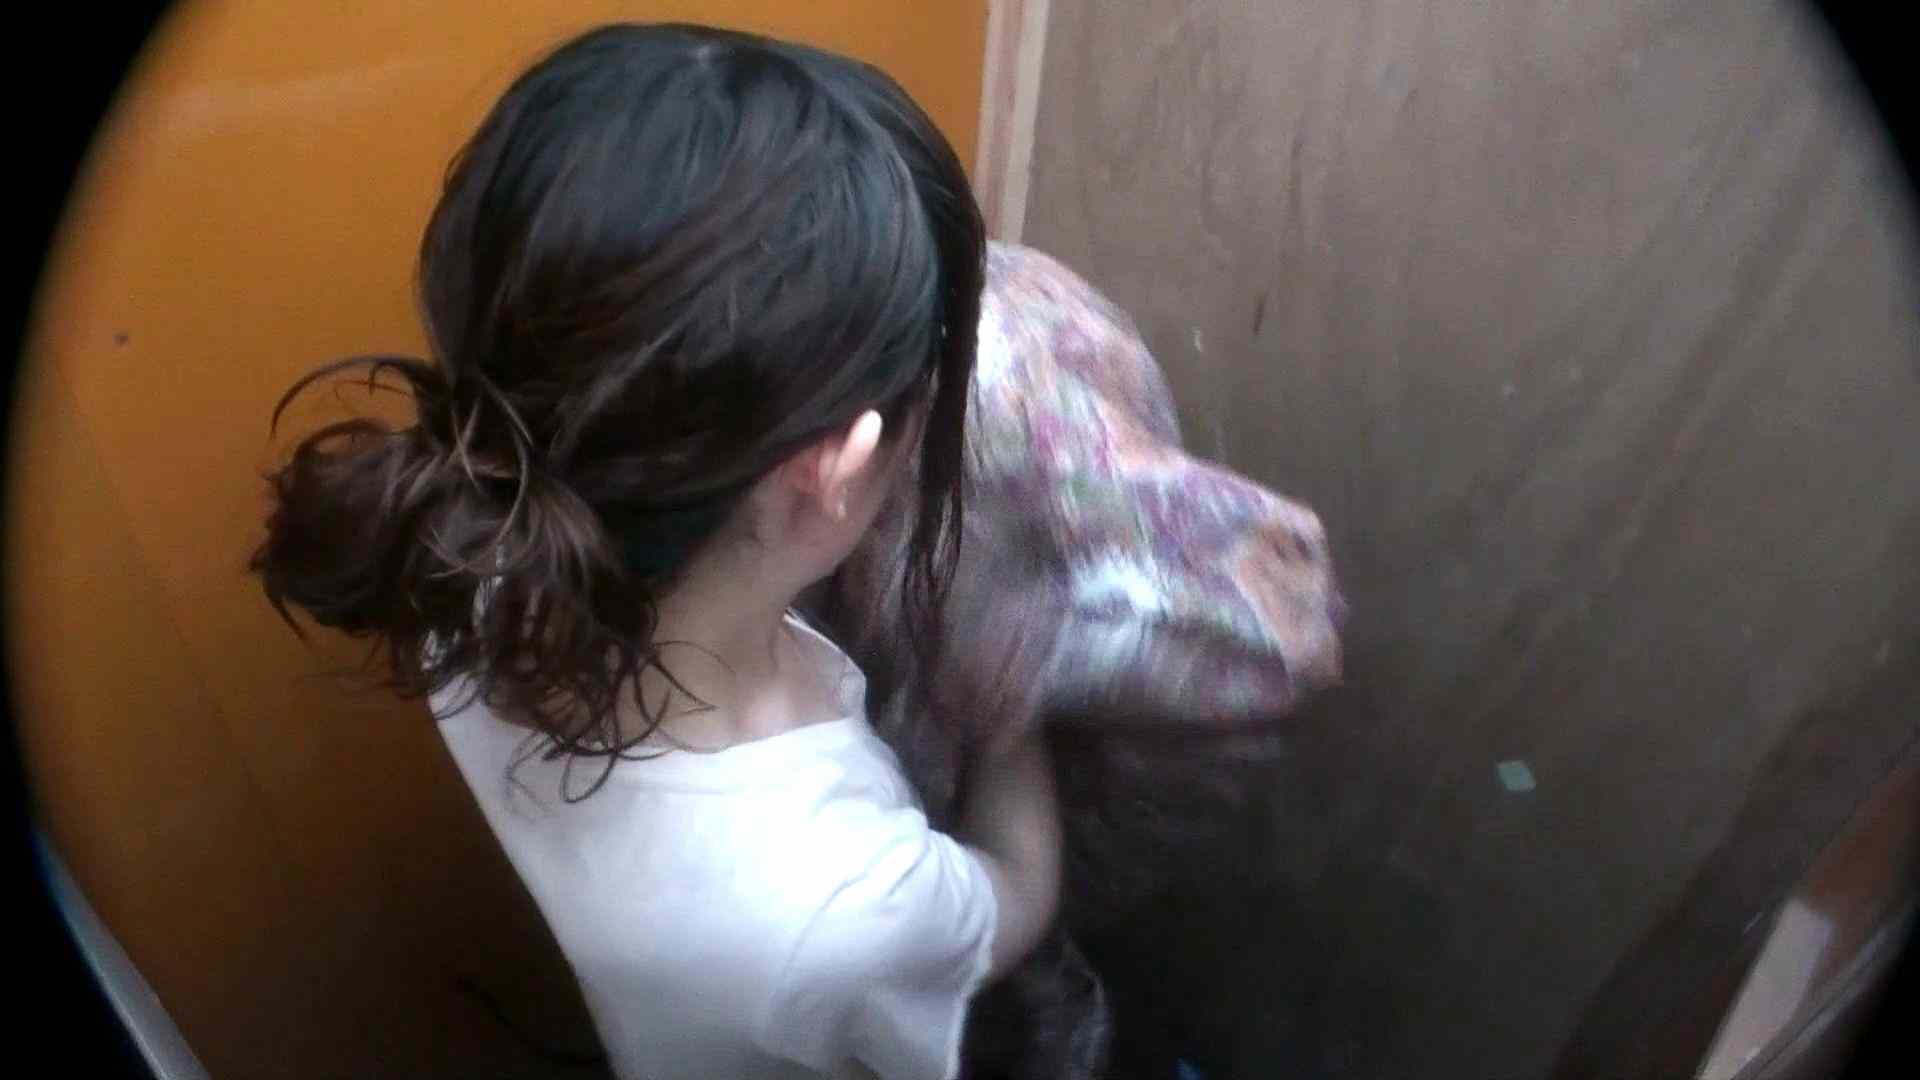 シャワールームは超!!危険な香りVol.29 こっちを向いて欲しい貧乳姉さん エロティックなOL 性交動画流出 85画像 10